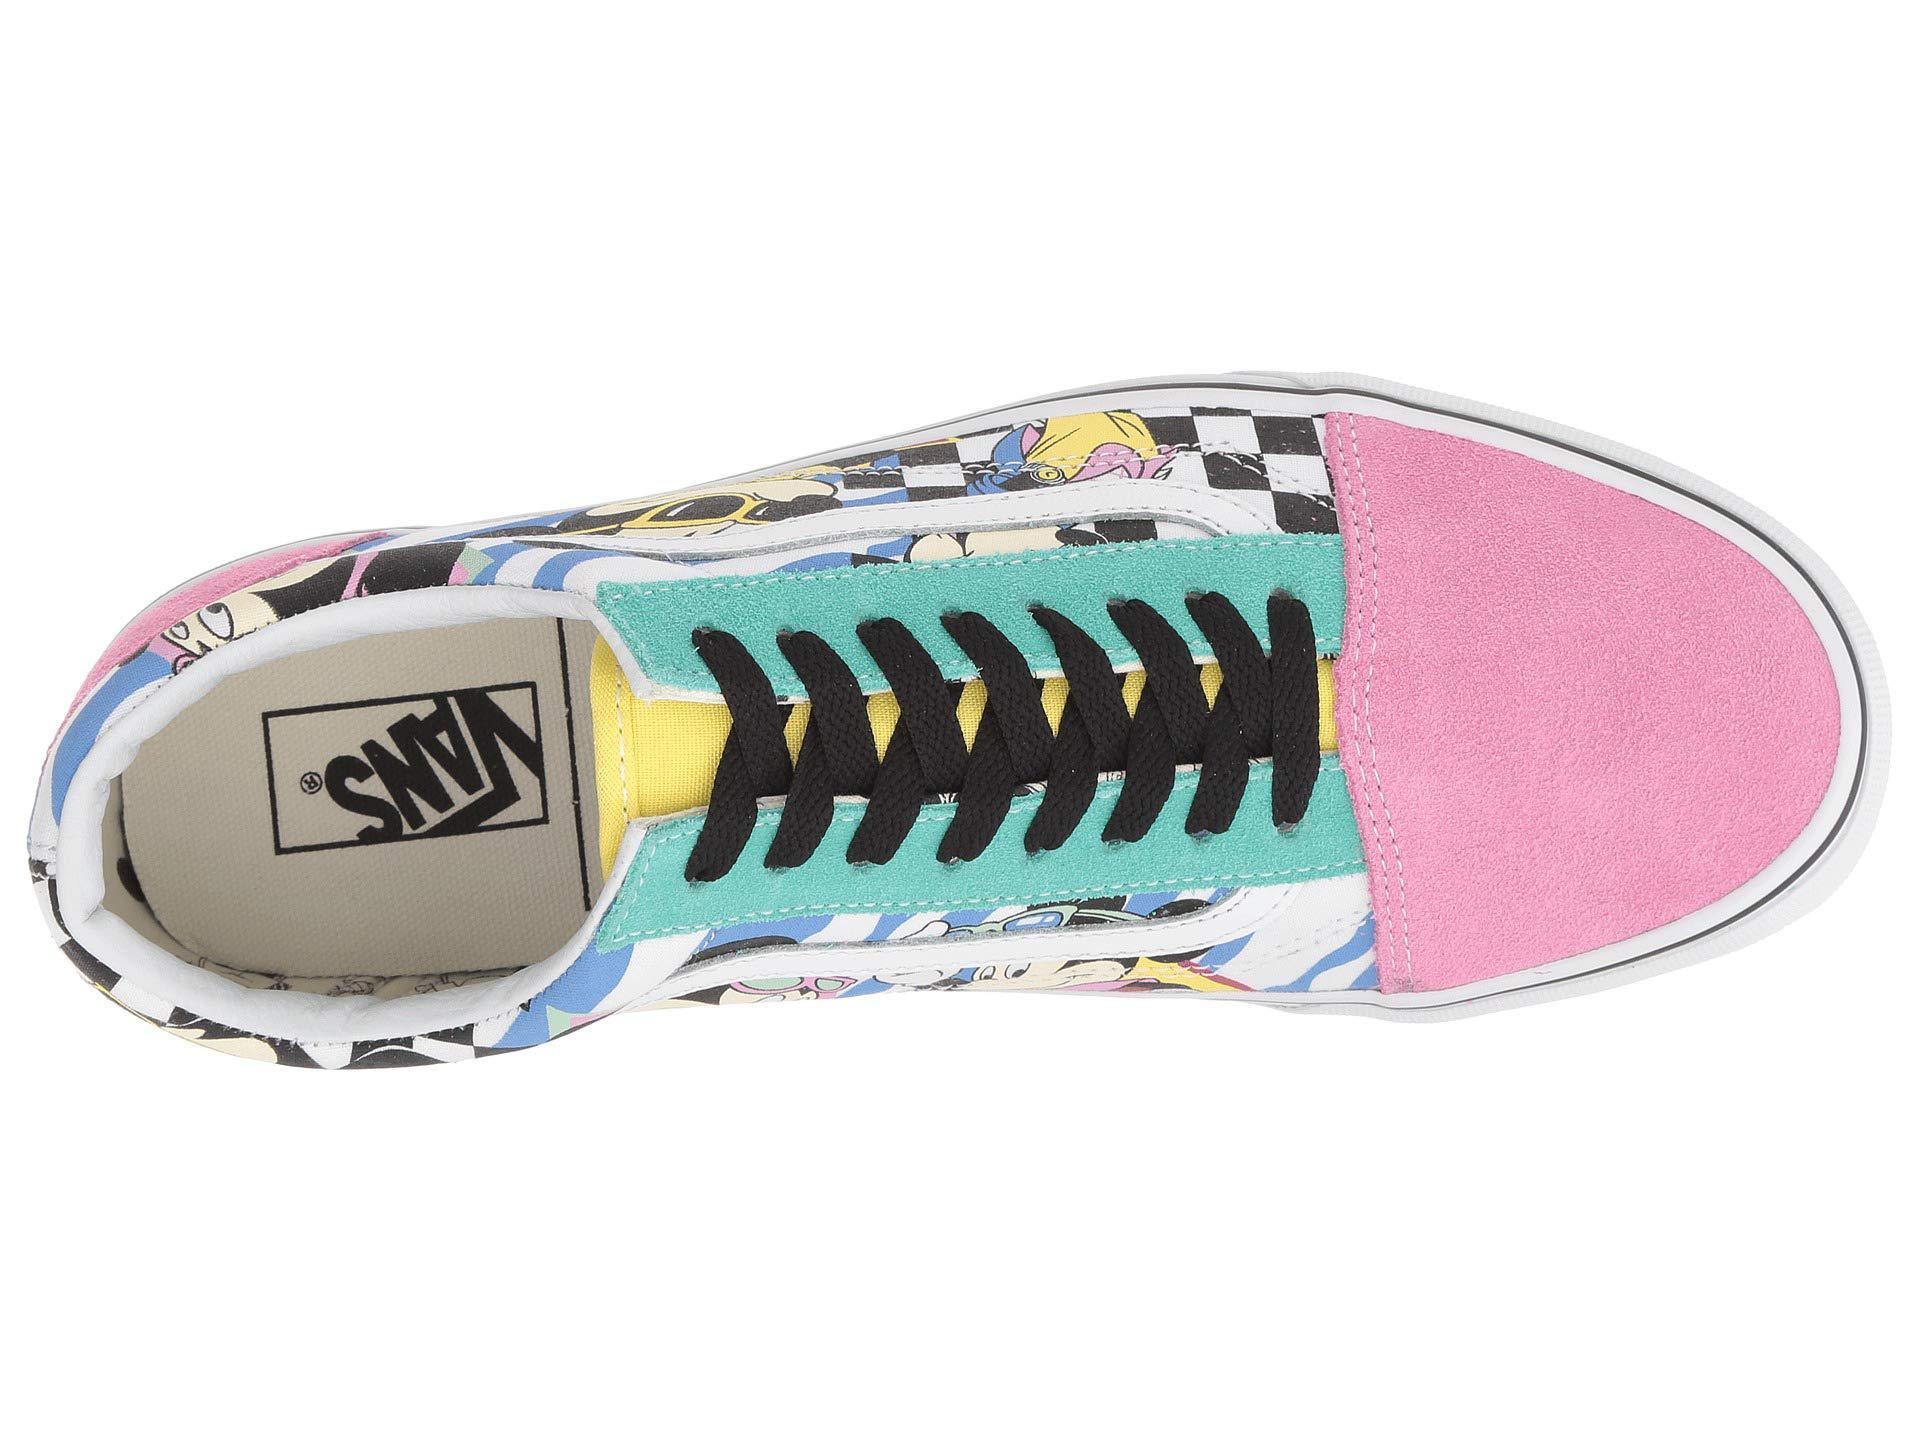 scarpe old skool disney x vans